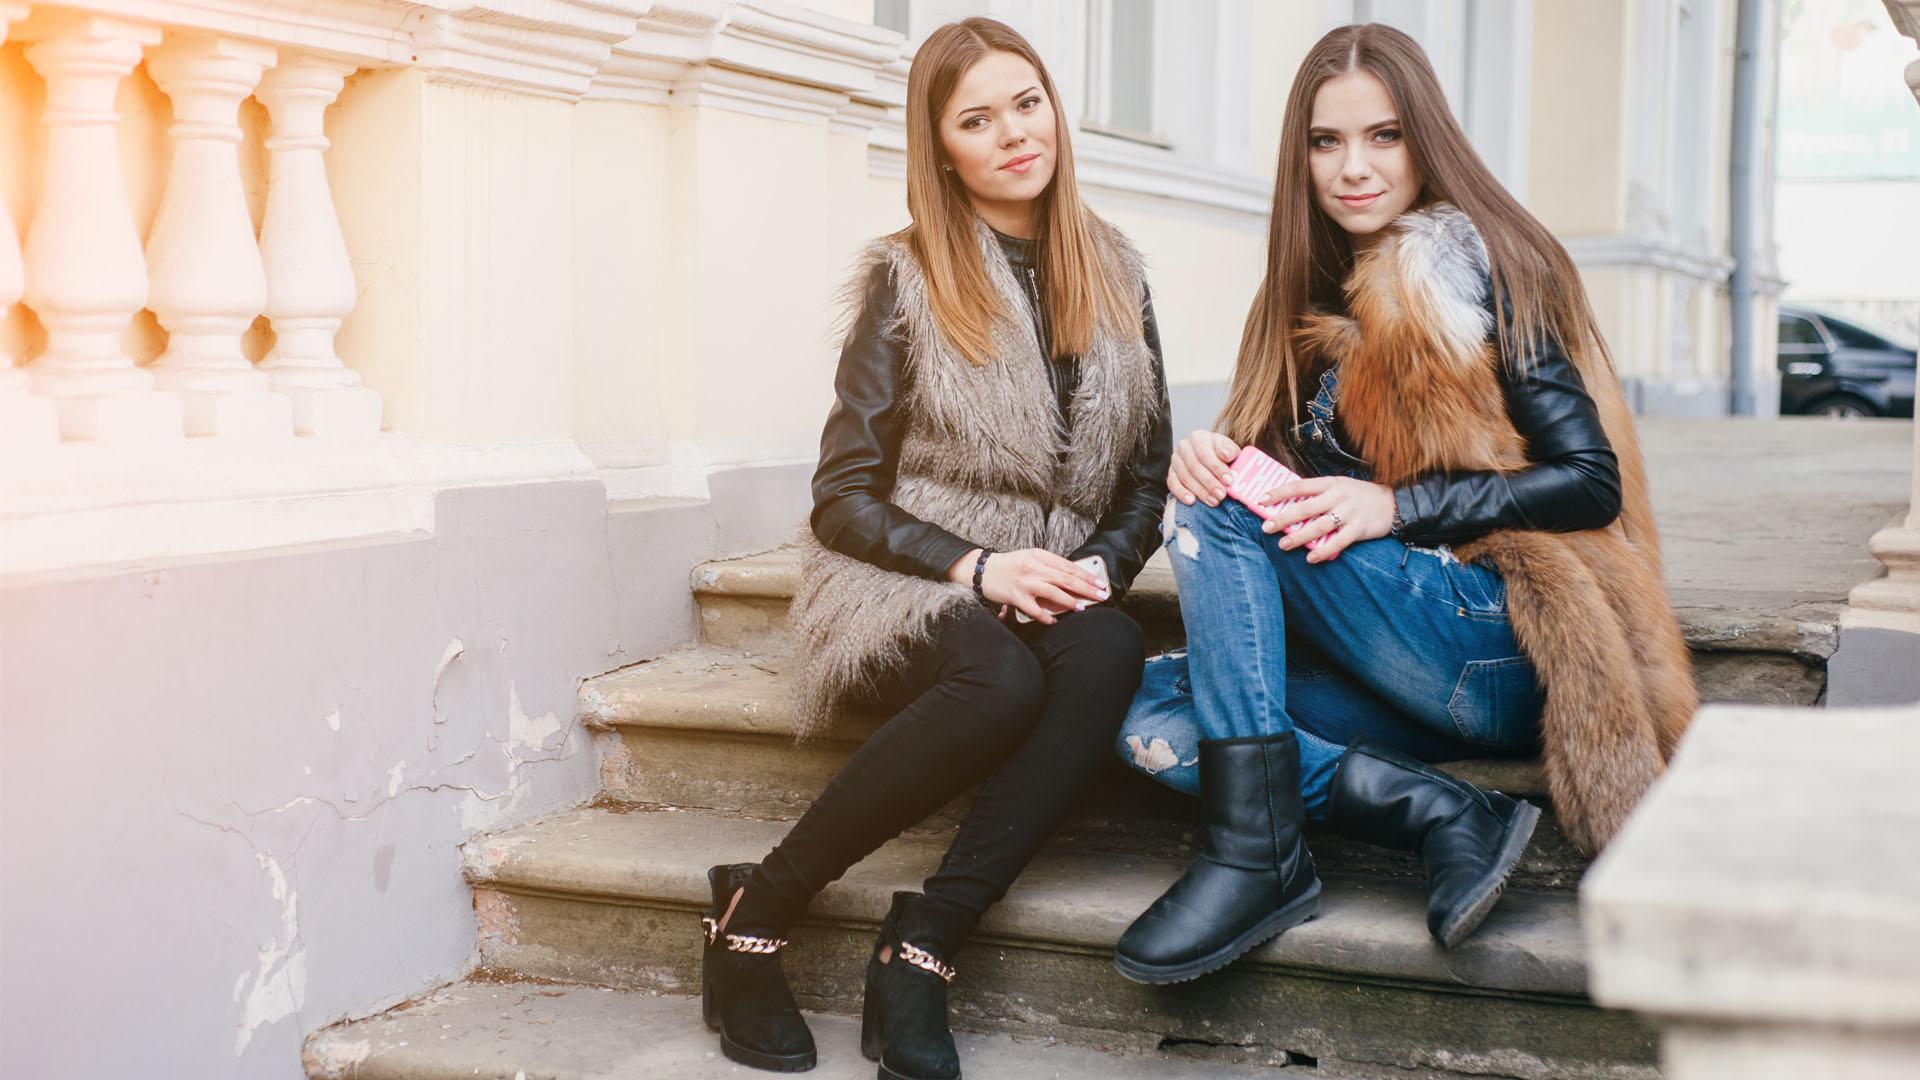 Szukasz modnych i funkcjonalnych butów na zimę? Zwróć uwagę na te rzeczy!